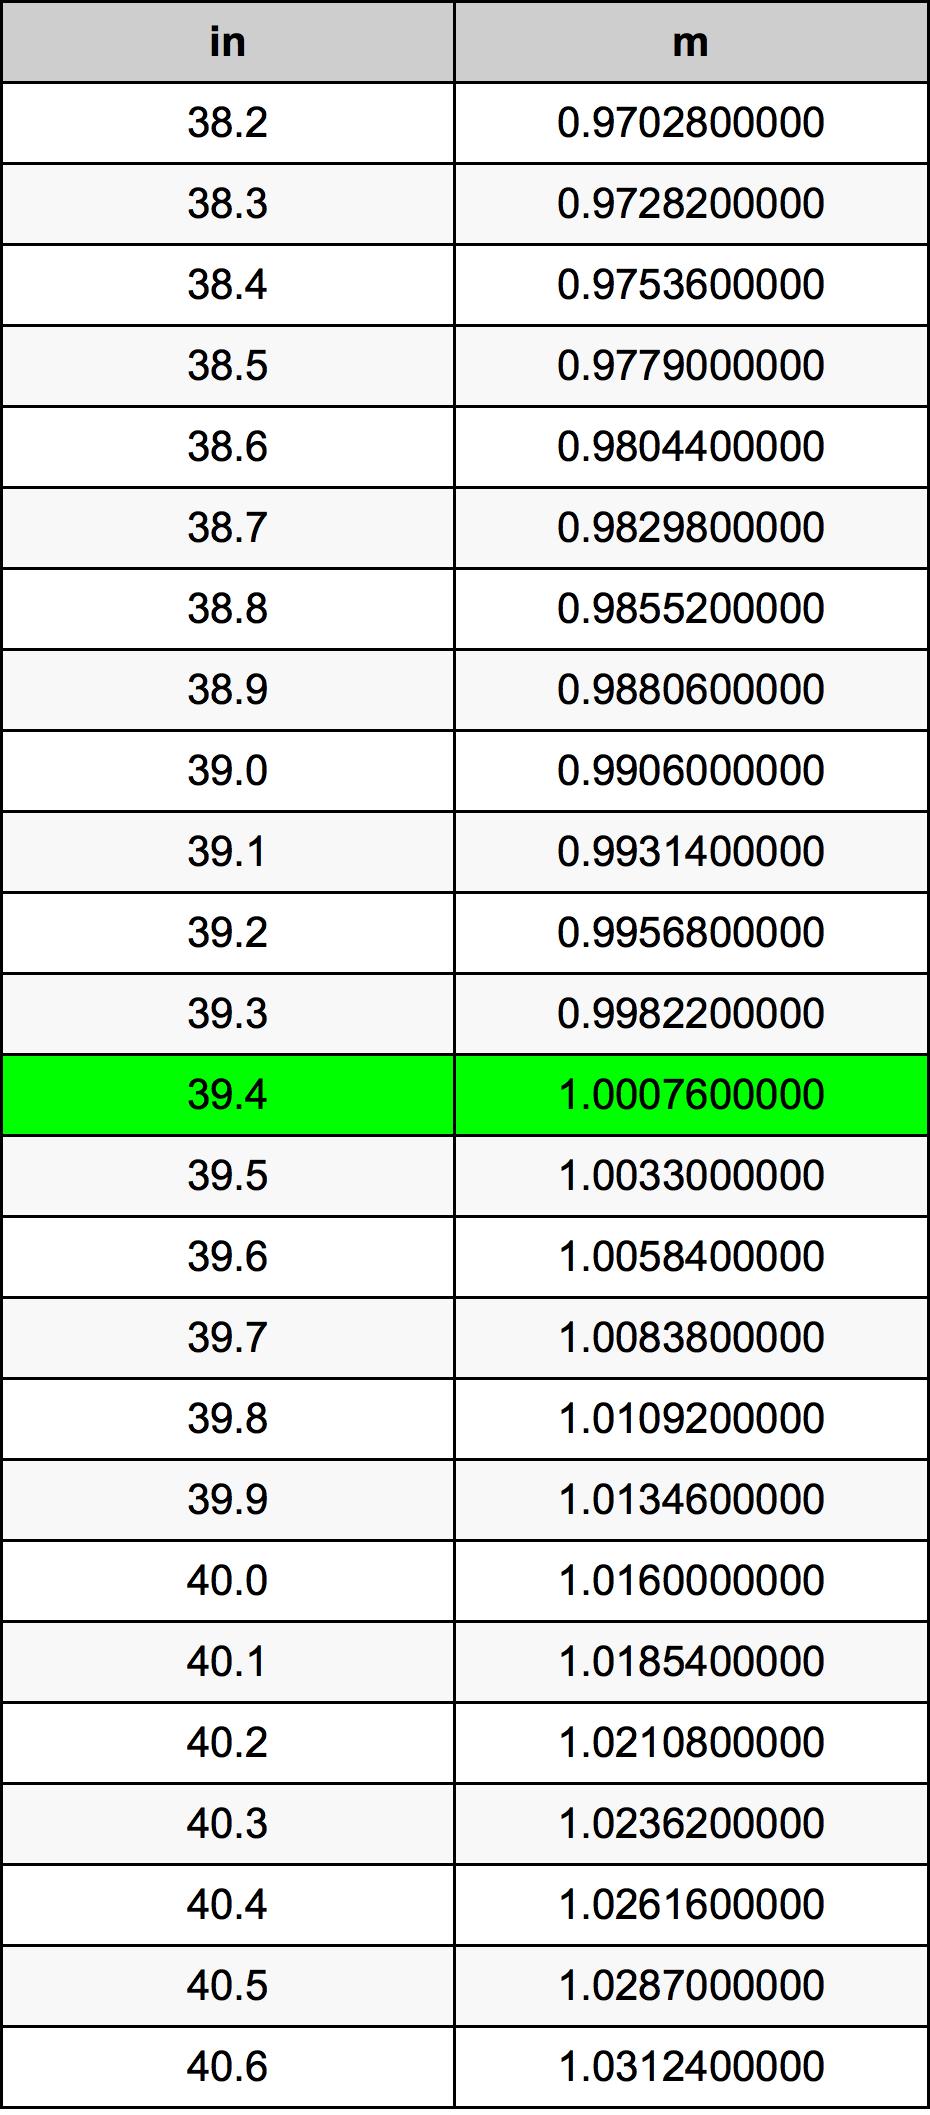 39.4 بوصة جدول تحويل